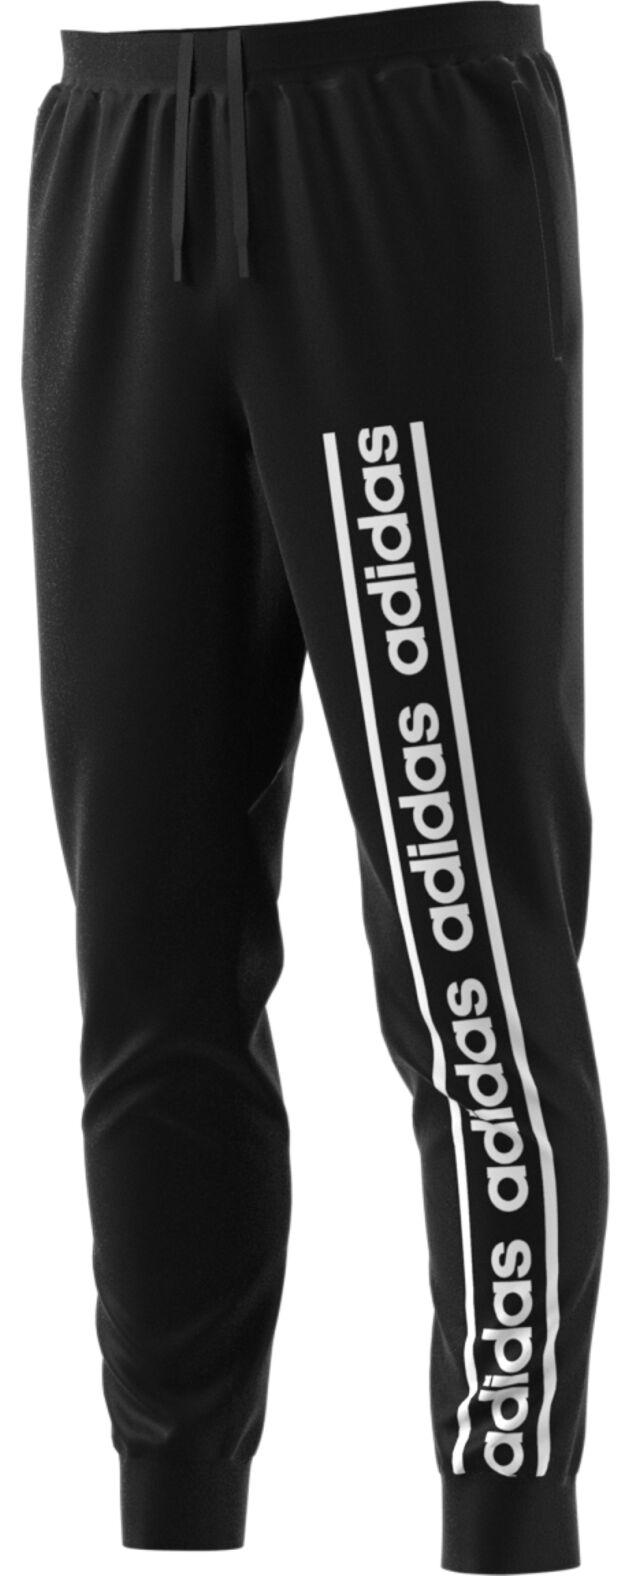 uusi halpa uusin kokoelma varastossa Adidas verkkarit ja collegehousut